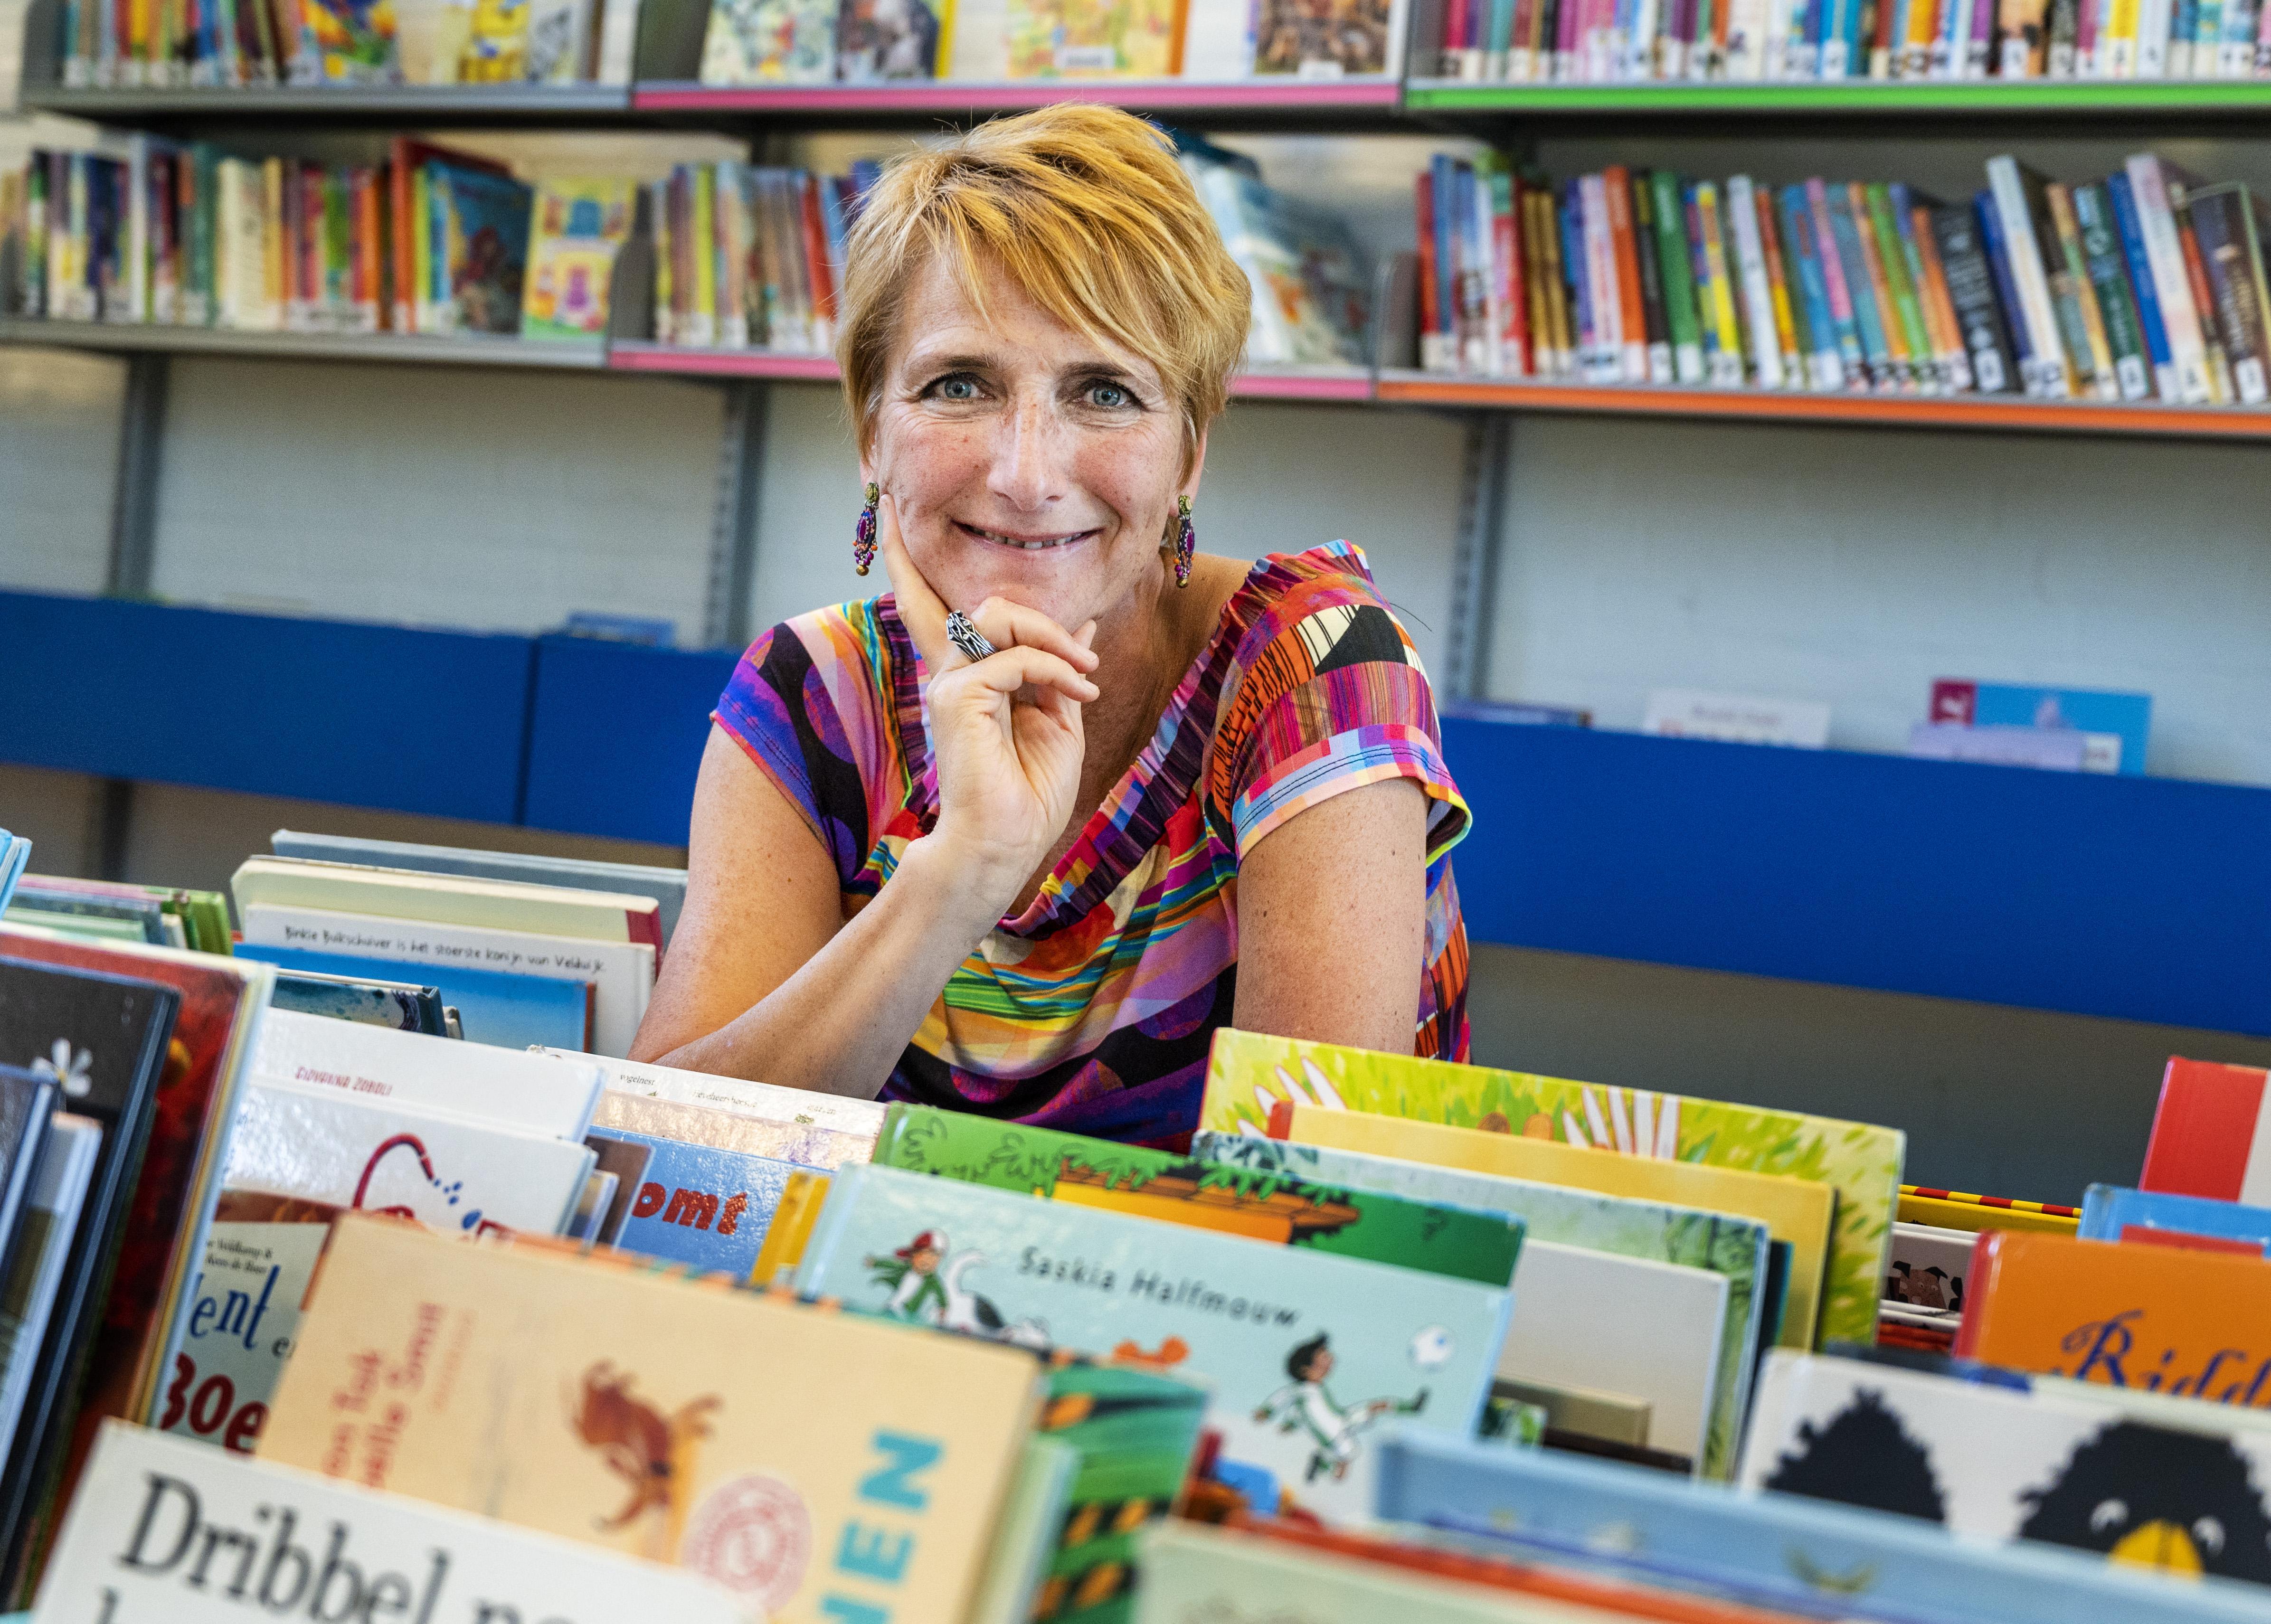 Directeur Dorien Hulsebosch trekt met goed gevoel de deur van Integraal Kindcentrum De Paradijsvogel in Vogelenzang achter zich dicht